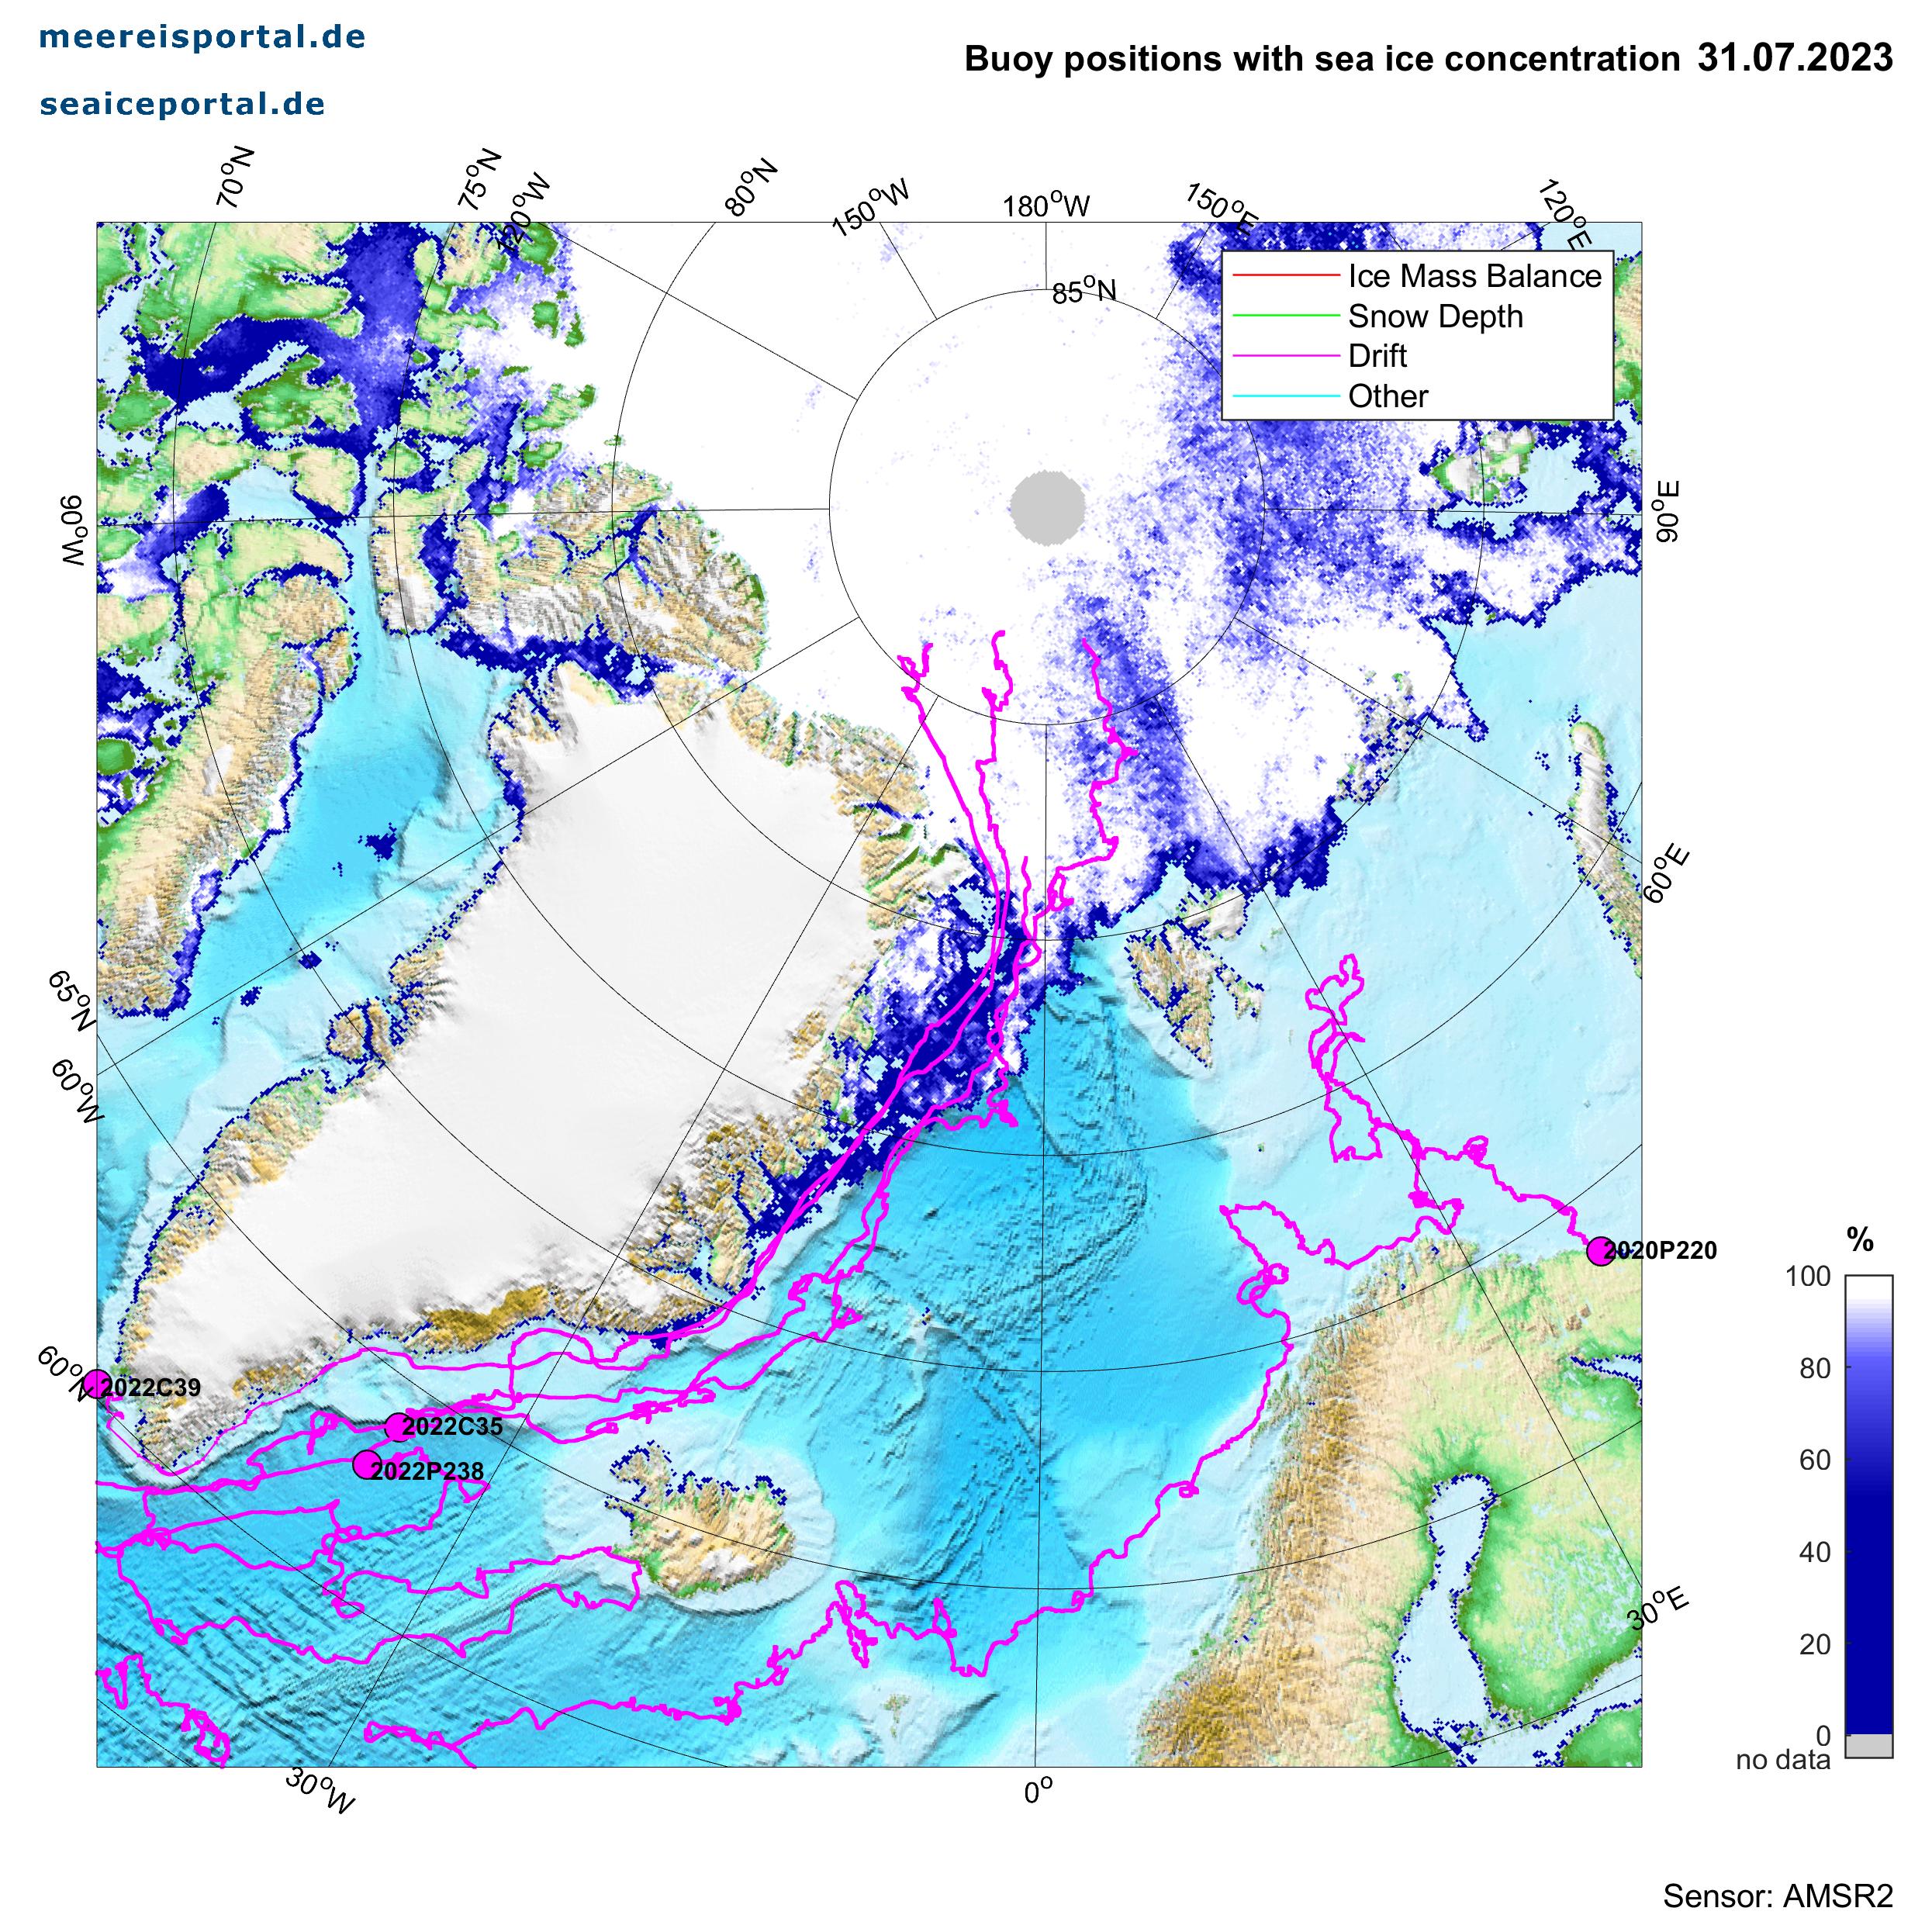 Karte der arktischen Bojen